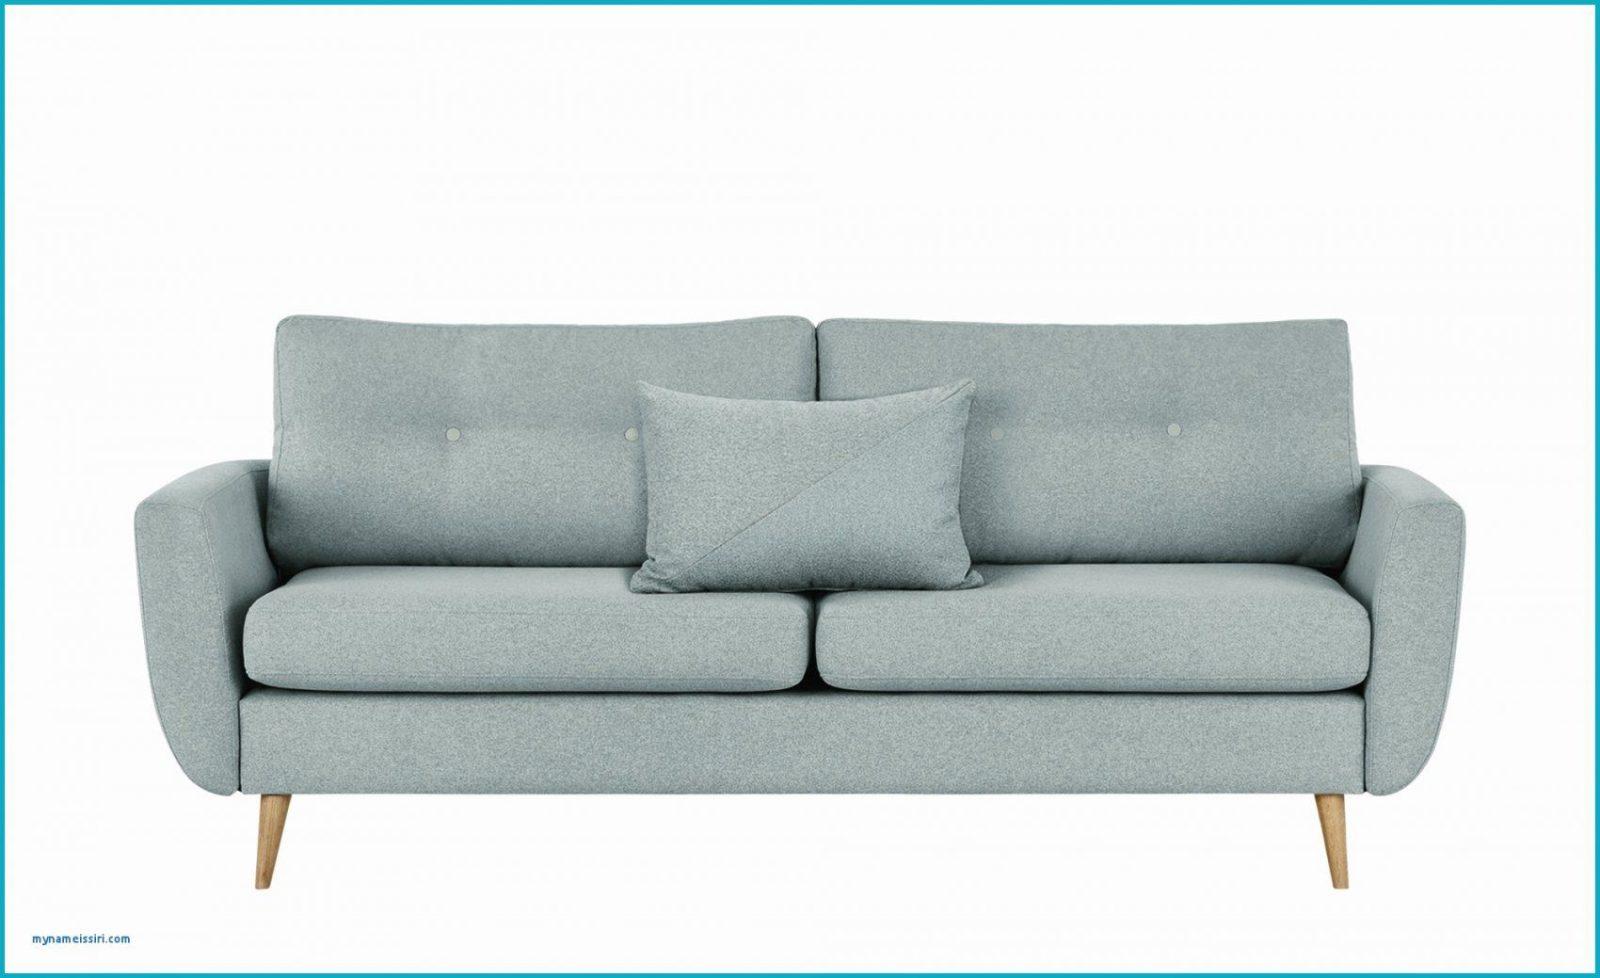 wohnwand auf raten trotz schufa haus design ideen. Black Bedroom Furniture Sets. Home Design Ideas